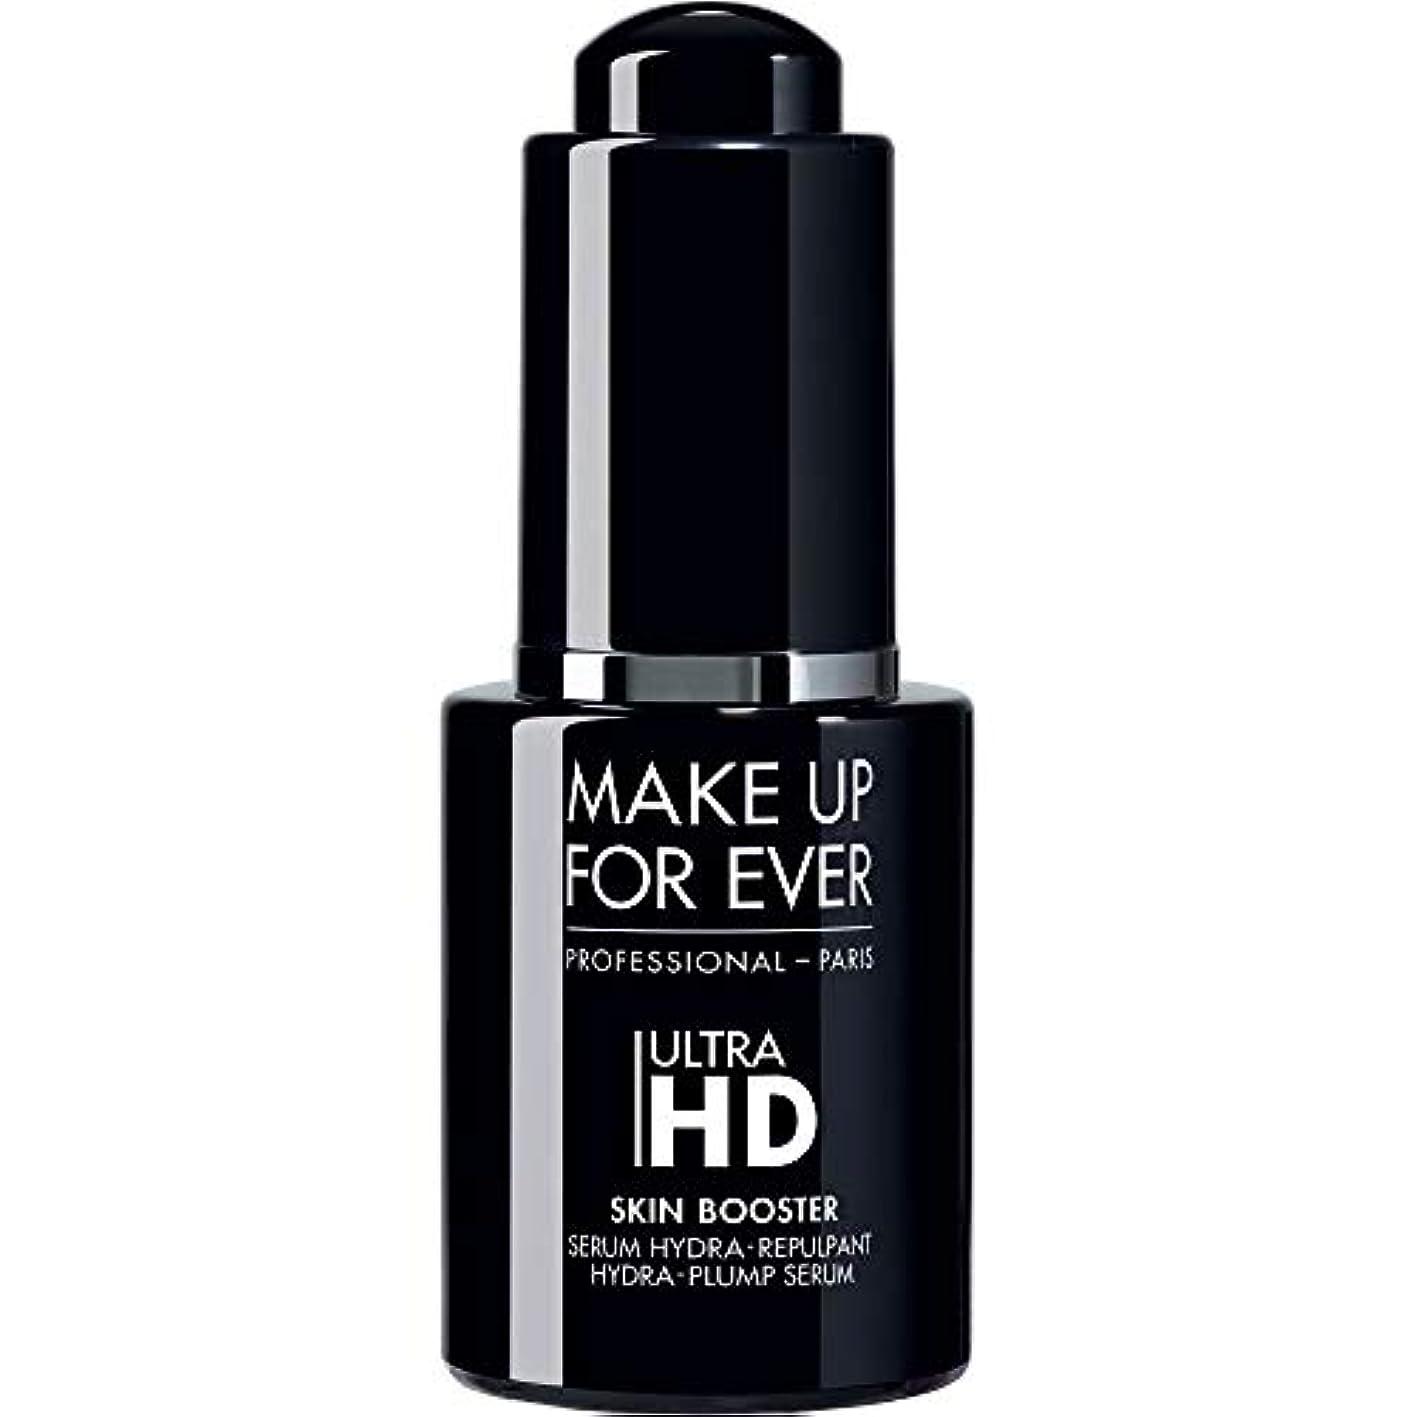 クアッガシャベル幸運[MAKE UP FOR EVER] これまで超のHdスキンブースターヒドラ-ふっくら血清12ミリリットルを補います - MAKE UP FOR EVER Ultra HD Skin Booster Hydra-Plump...